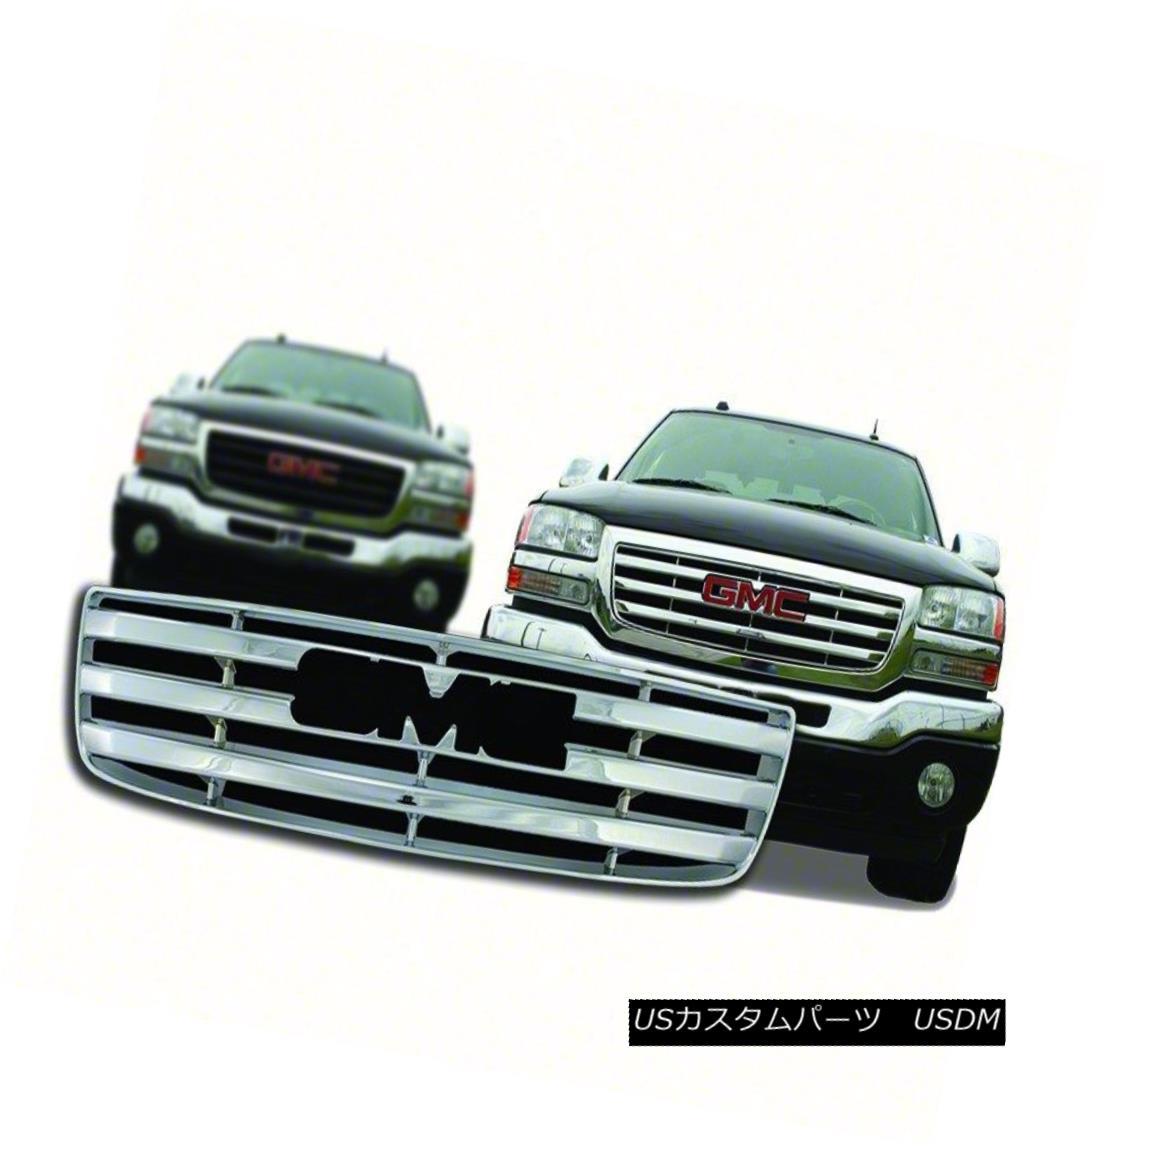 グリル Chrome Grille Overlay-Fits 2003-06 GMC Sierra-IWCGI59 クロームグリルオーバーレイフィット2003-06 GMC Sierra-IWCGI59